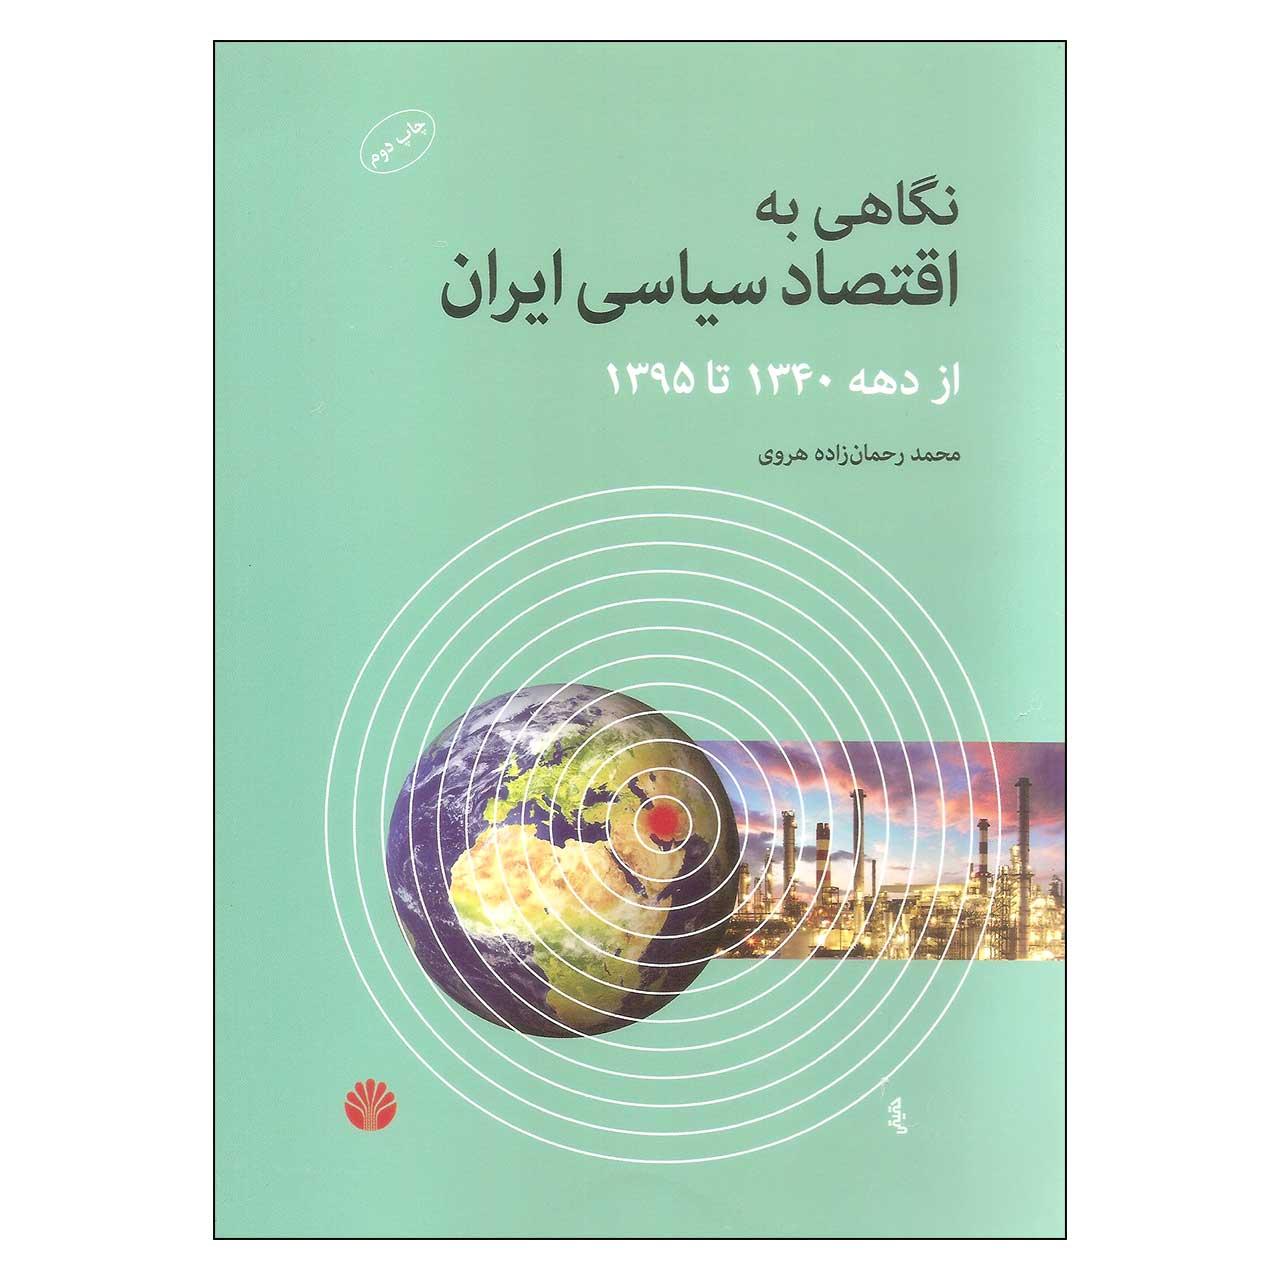 کتاب نگاهی به اقتصاد سیاسی ایران از دهه 1340 تا 1395 اثر محمد رحمان زاده هروی نشر اختران